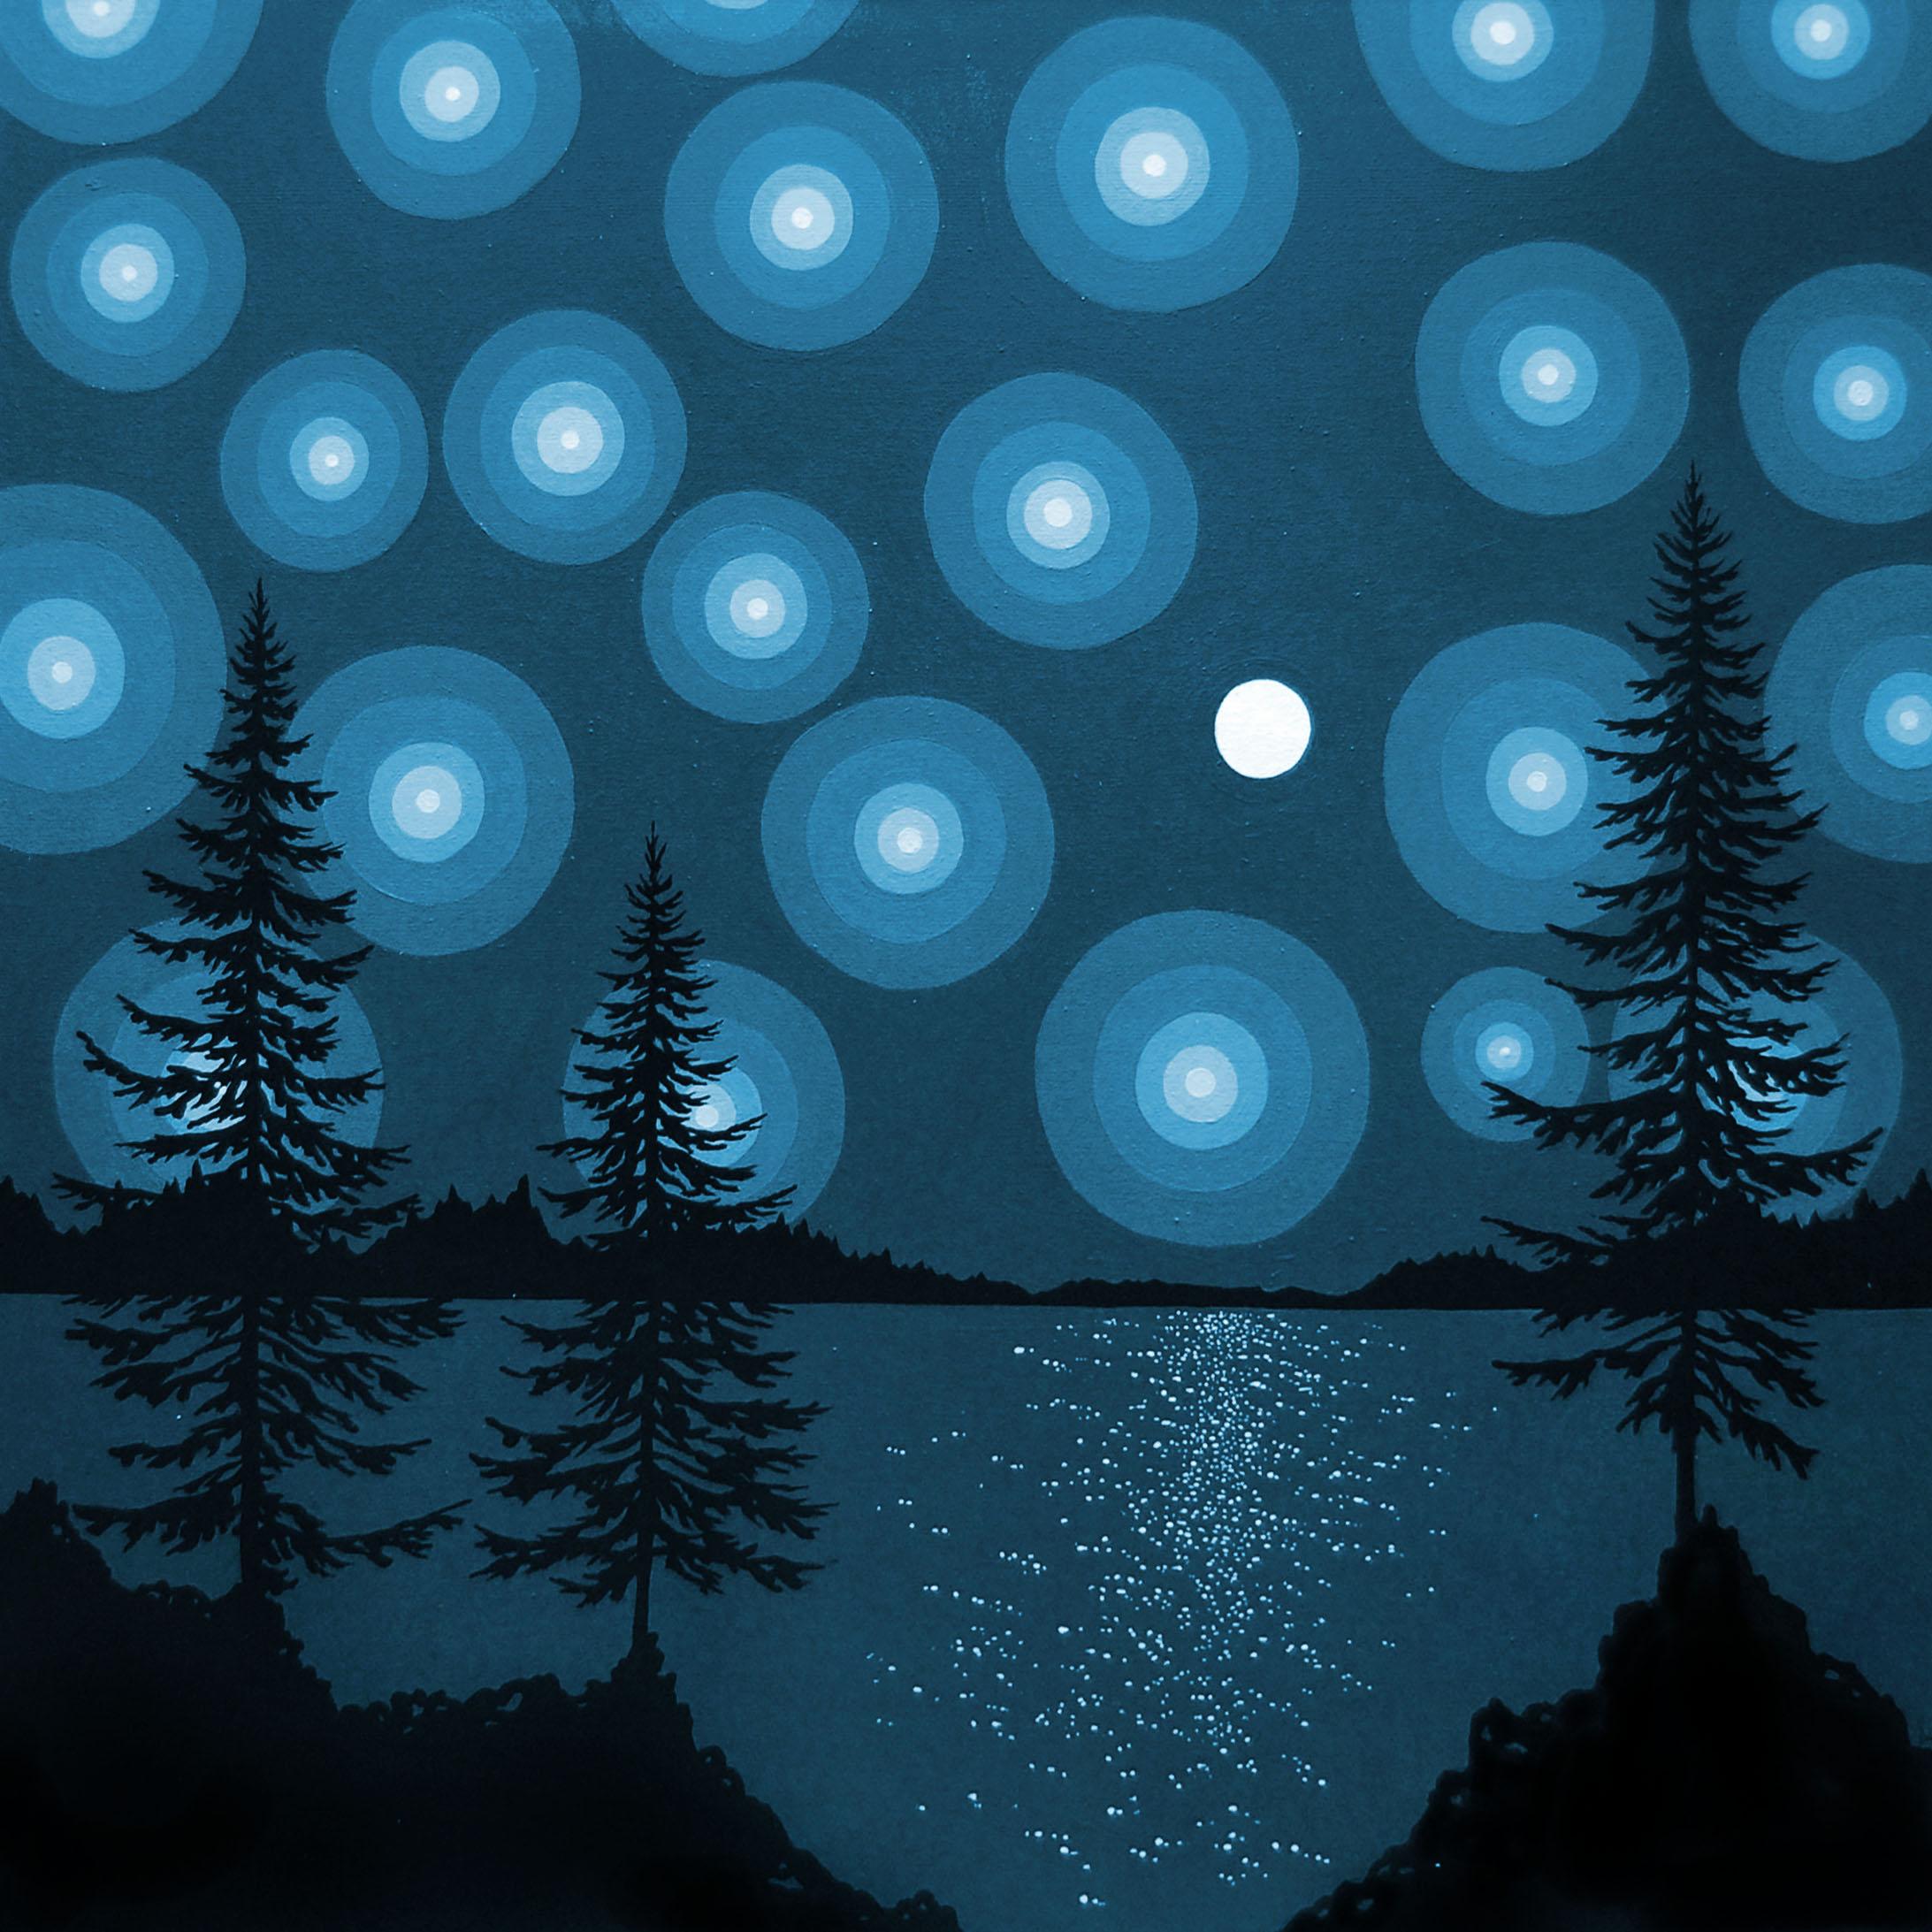 Stars above, stars below